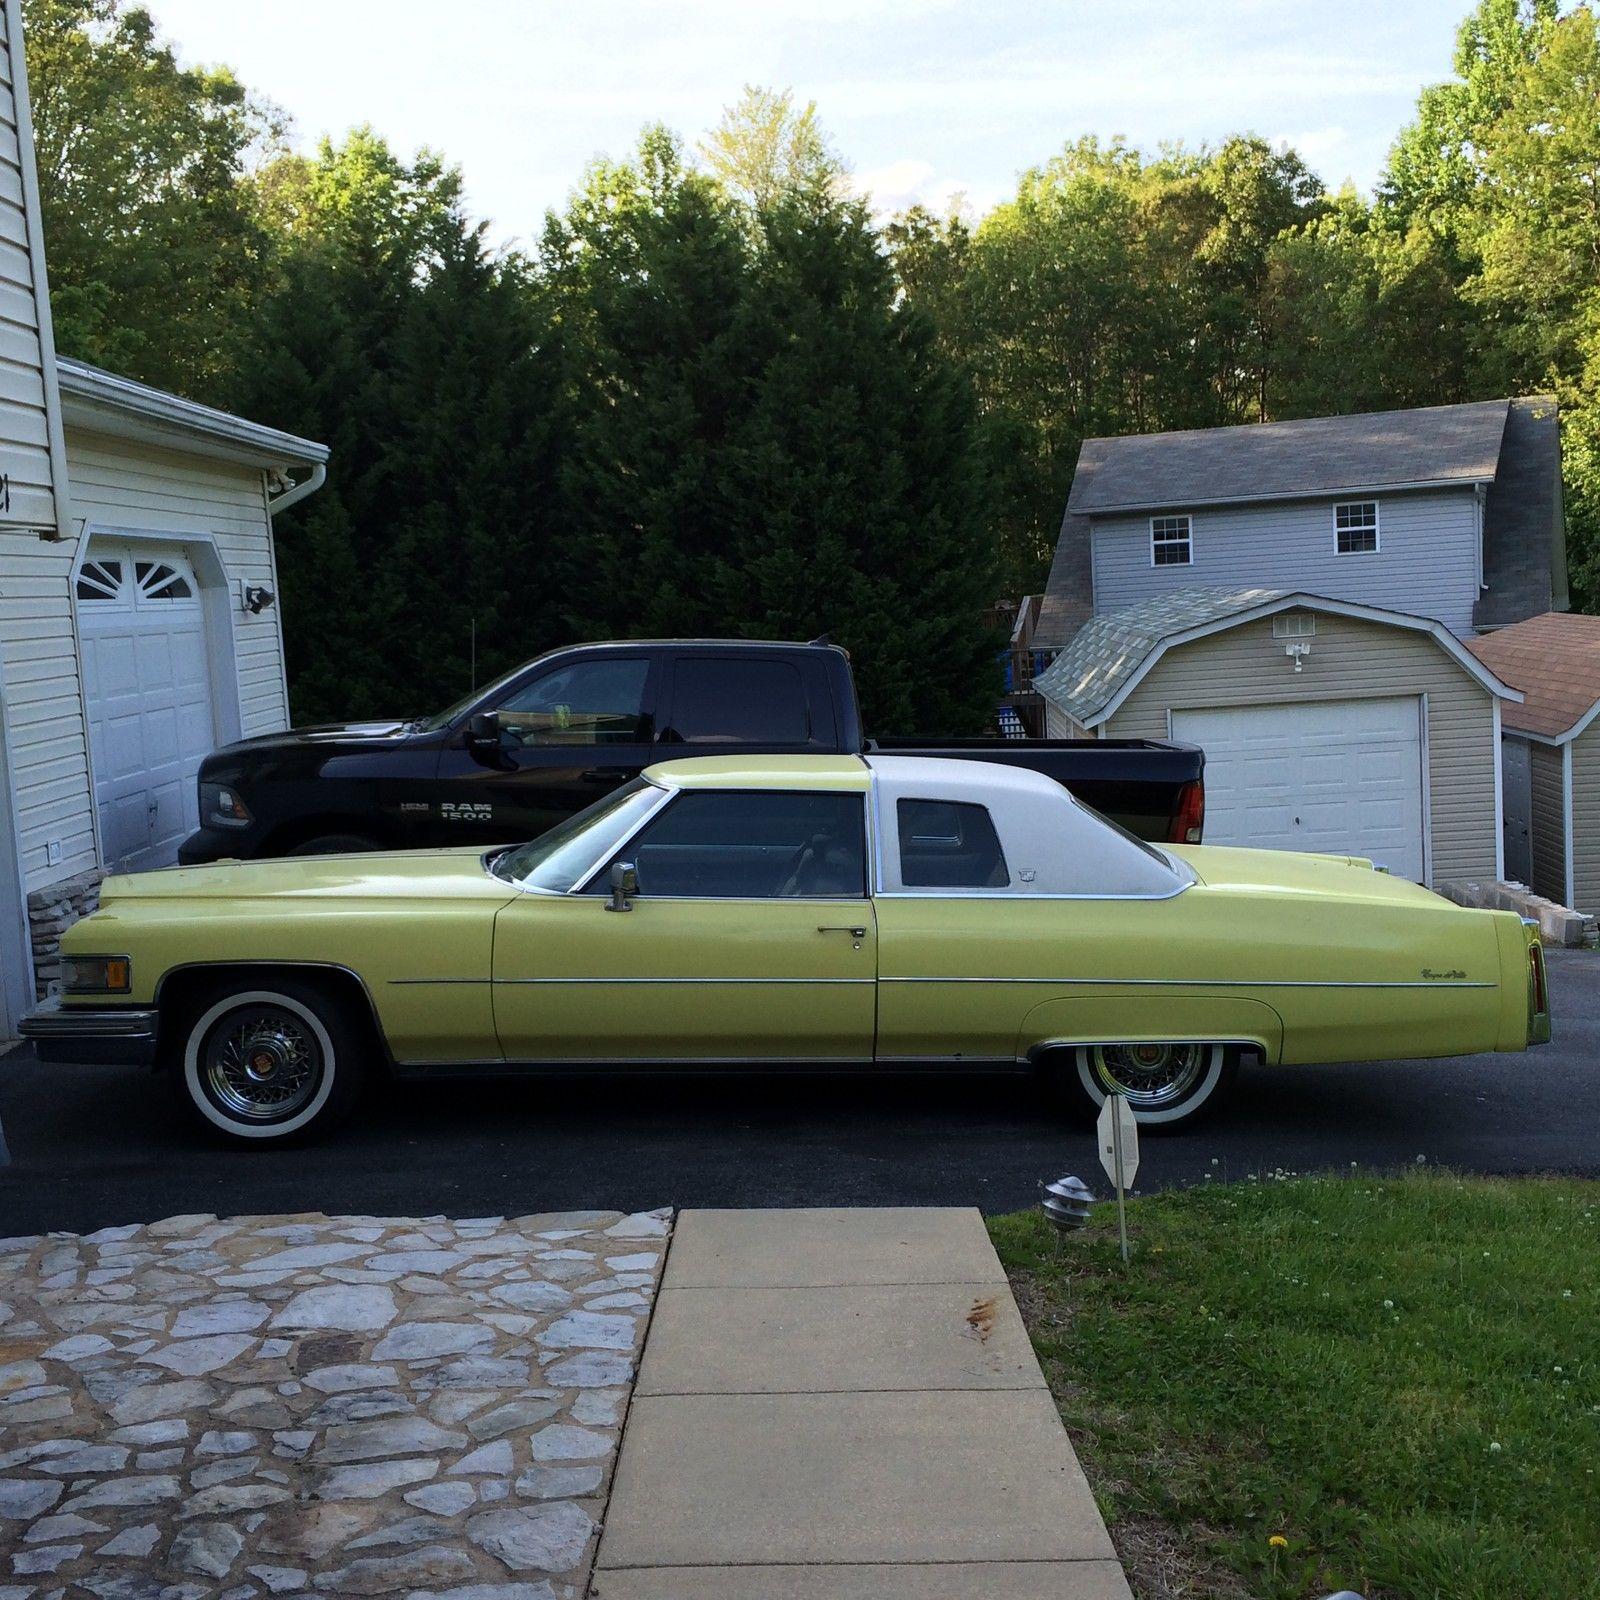 Cadillac 500 For Sale: Original Yellow Cadillac, 500 CID V8, 2 Door, Rear Wheel